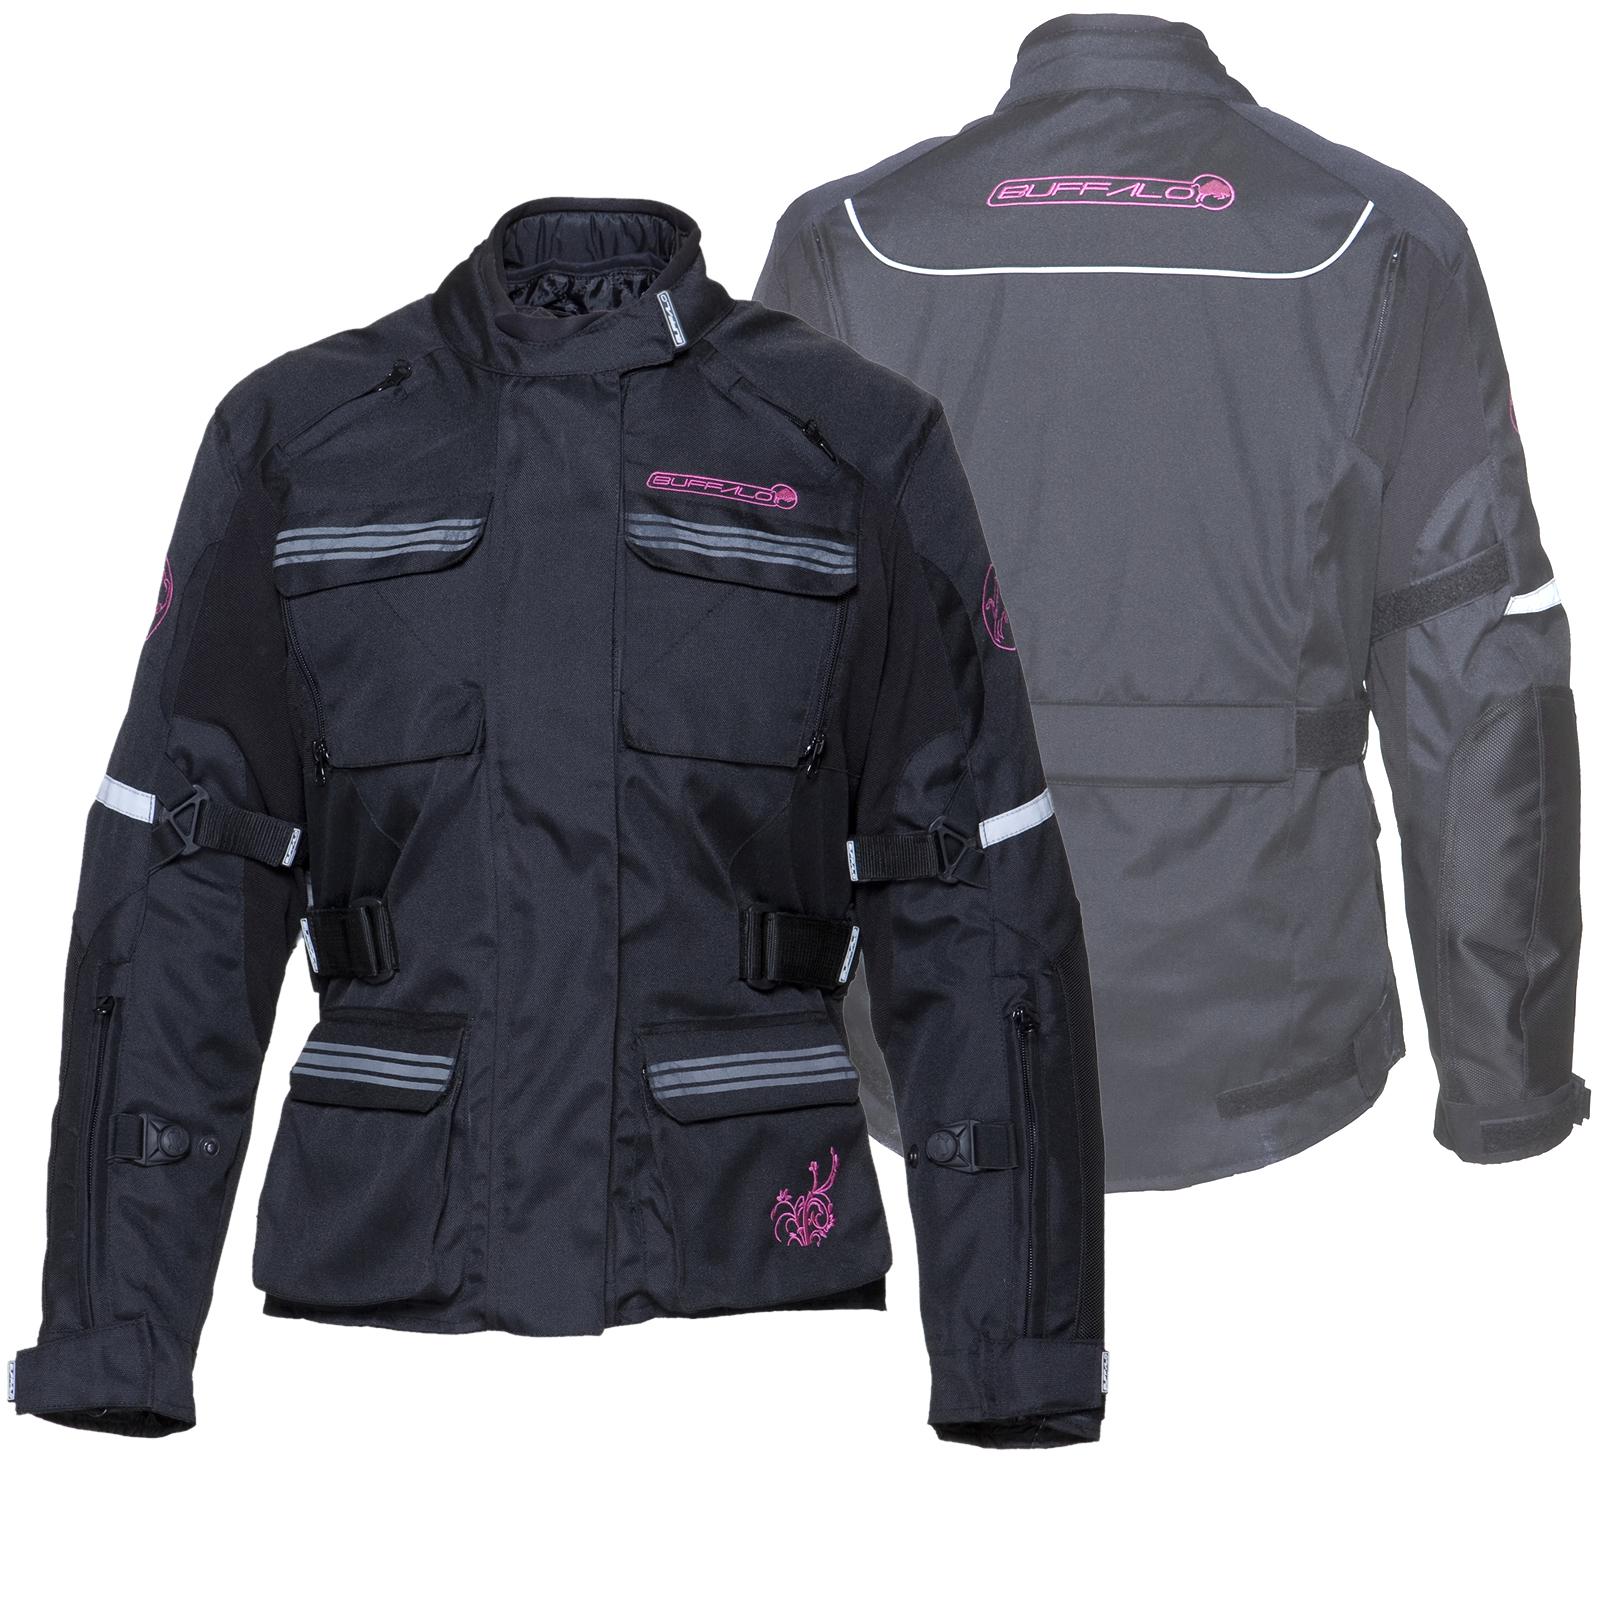 Buffalo Scope women's motorcycle jacket £39.99 @ Ghost bikes